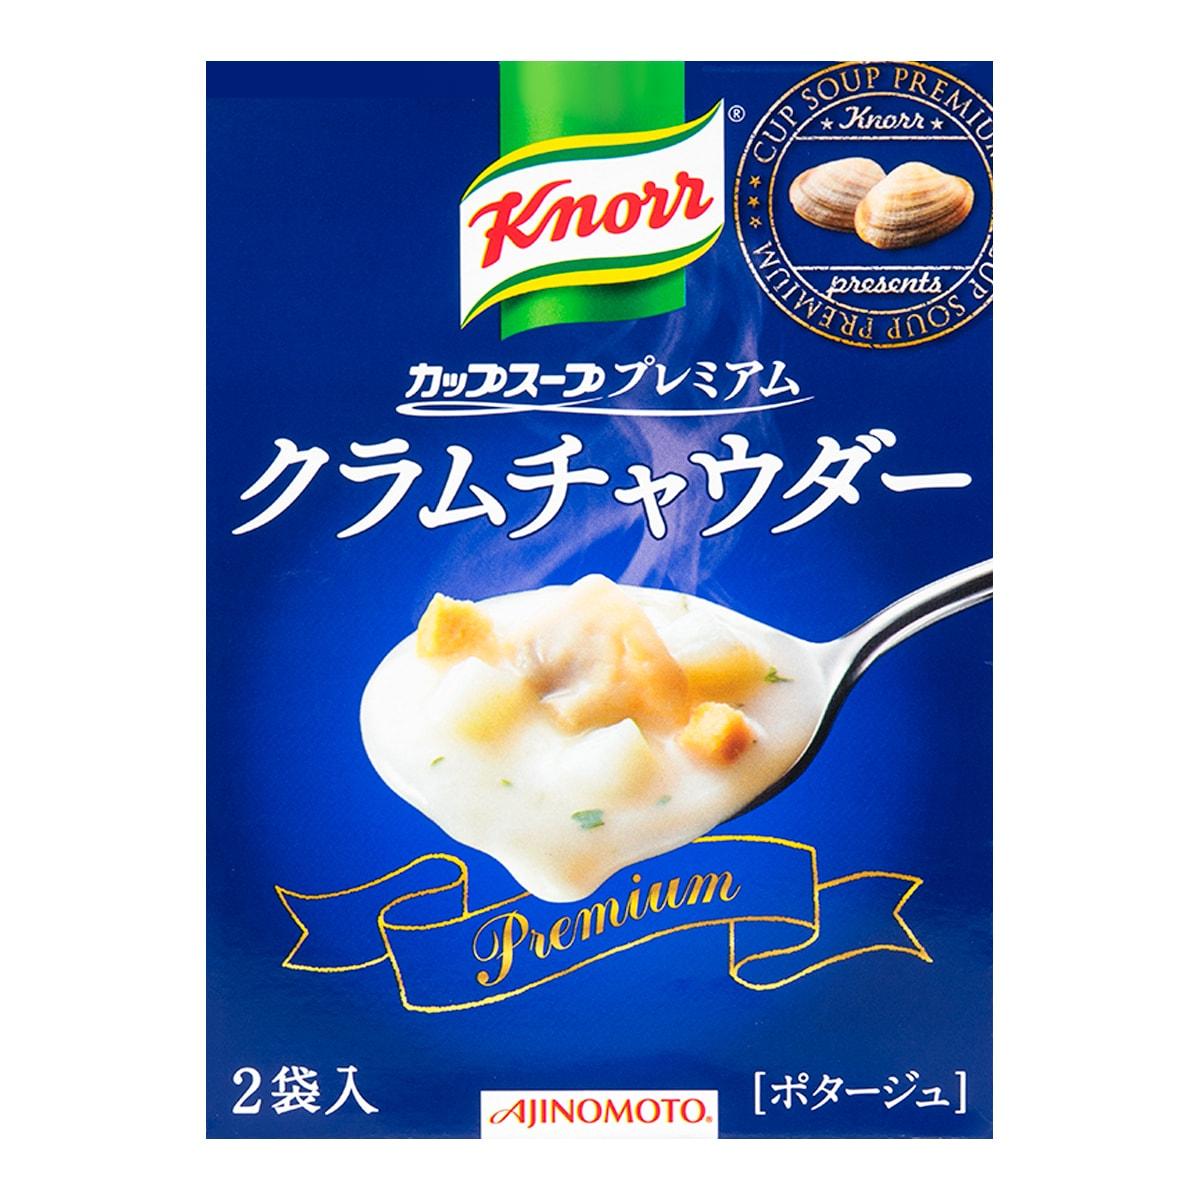 AJINOMOTO Instant Powder Soup Premium Clam Soup 2Pcs